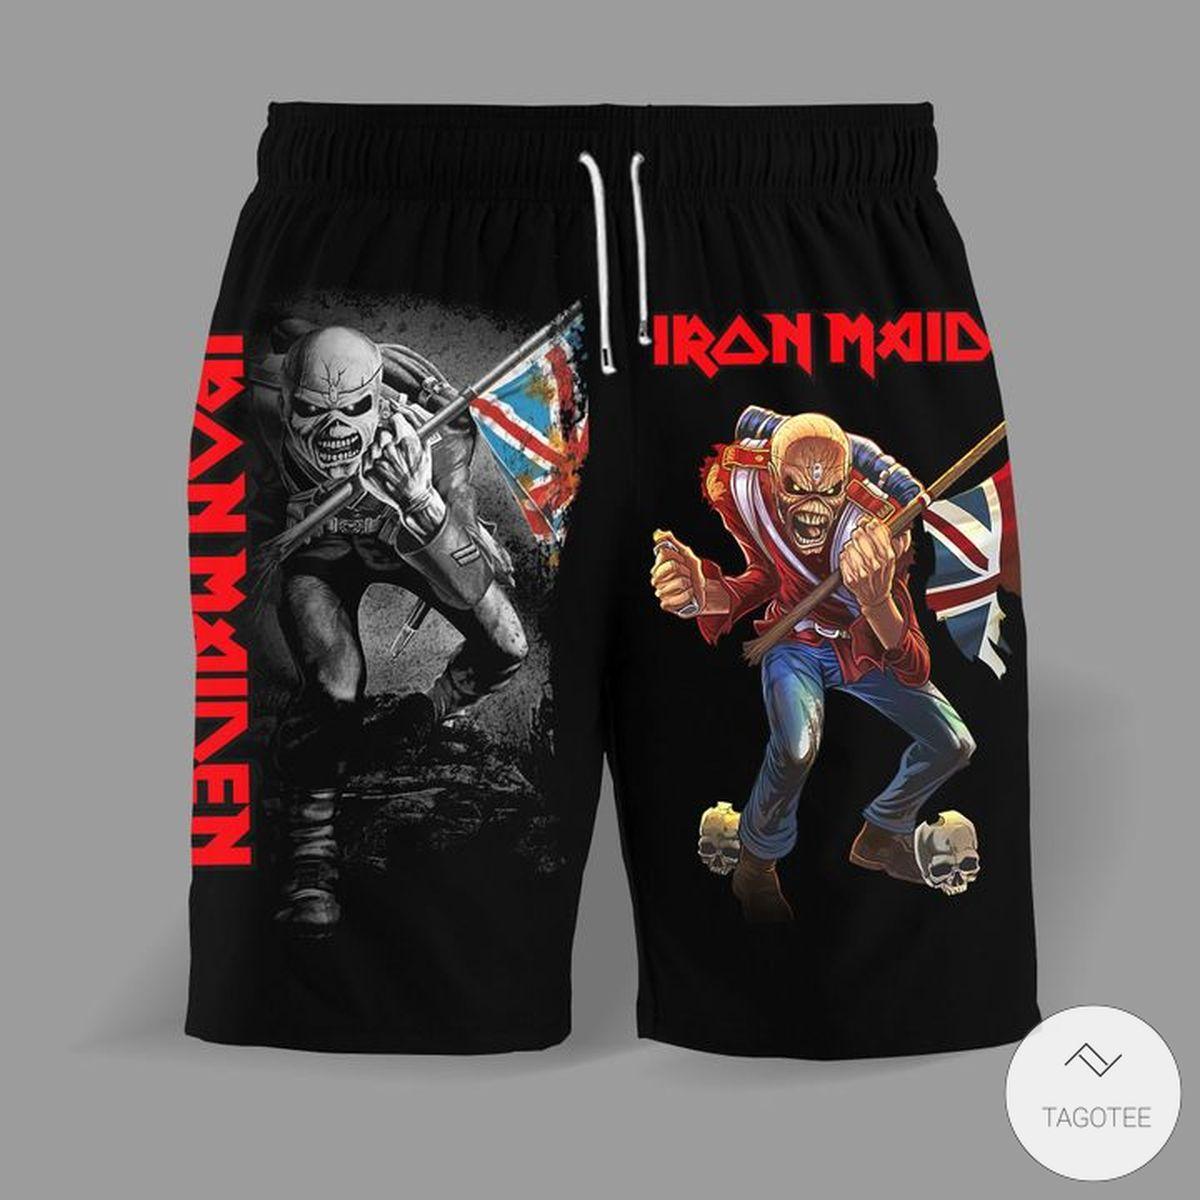 Iron Maiden Short